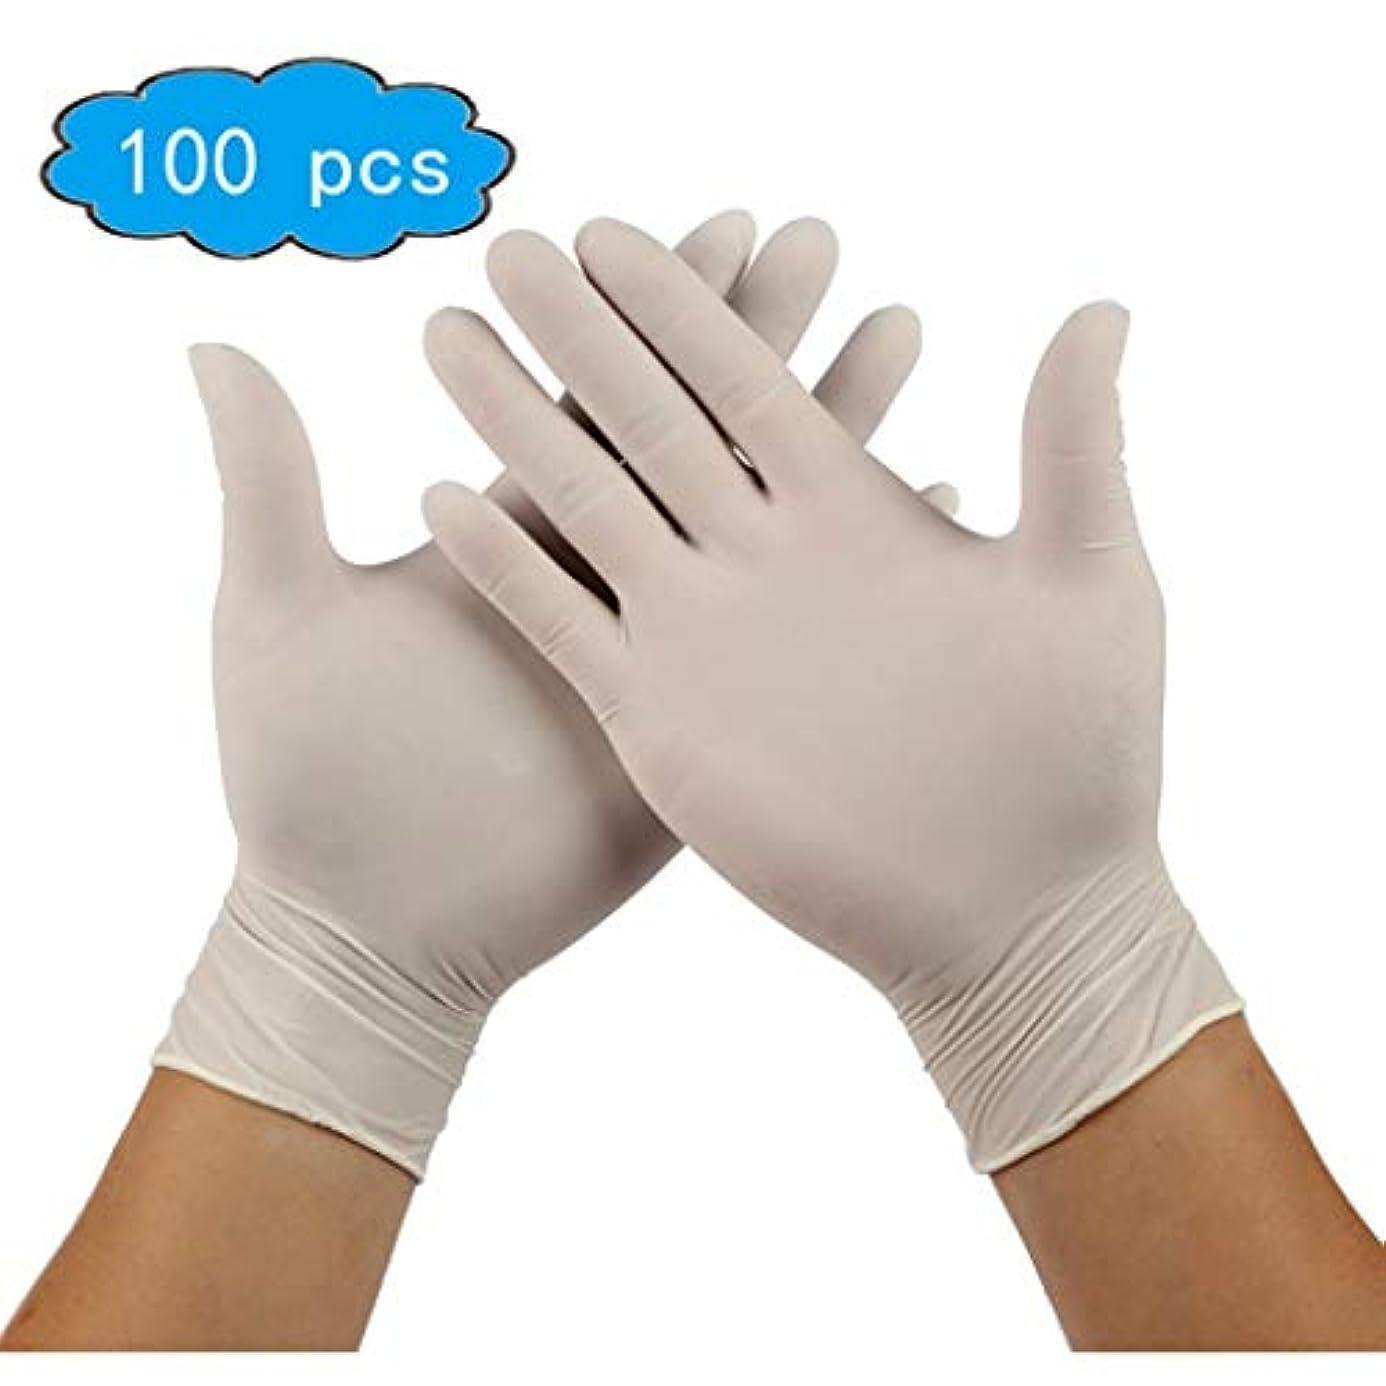 仮説財産導体100 XS-XLサイズの使い捨てラテックス手袋、パウダーフリー、スムースタッチ、食品サービスグレード、使い捨て手袋食品 (Color : White, Size : L)